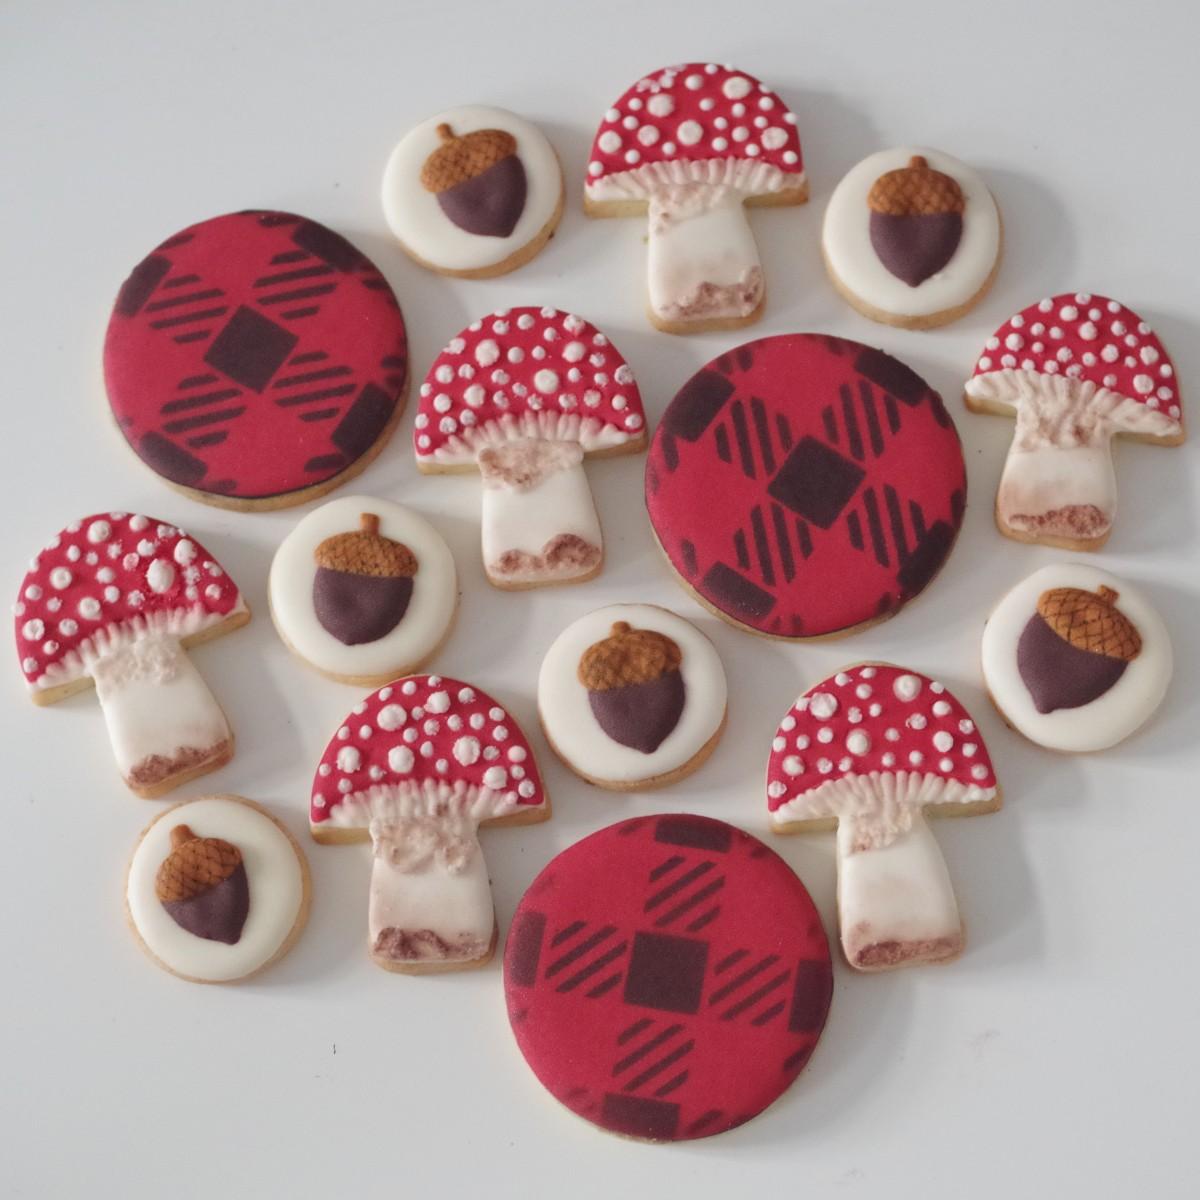 doctorcookies-galletas-decoradas-bosque-otono-25